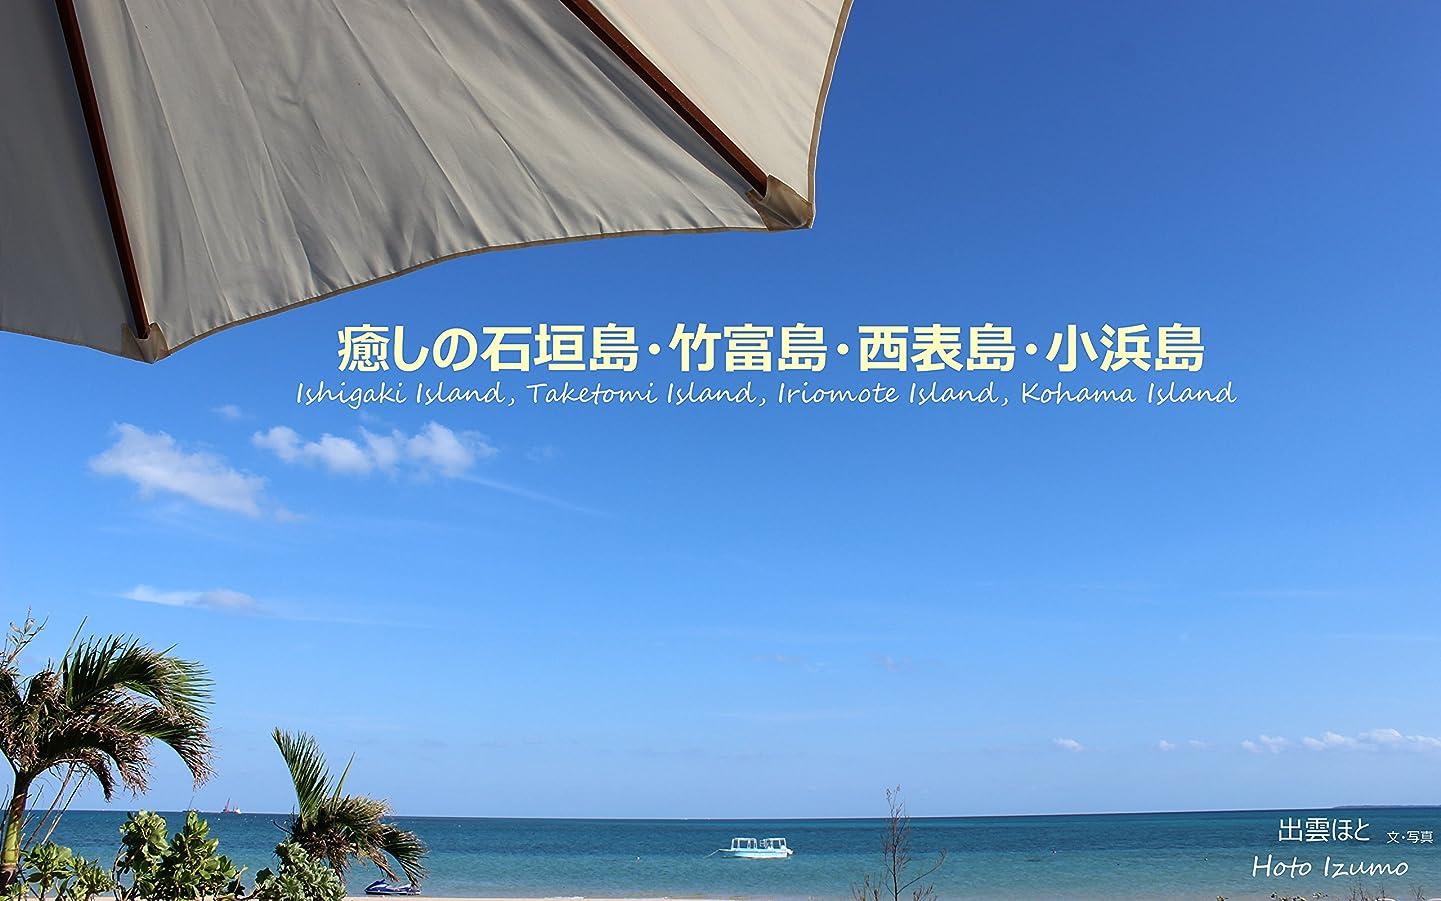 著名なフライトおいしい癒しの石垣島?竹富島?西表島?小浜島: Ishigaki Island Taketomi Island, Iriomote Island, Kohama Island